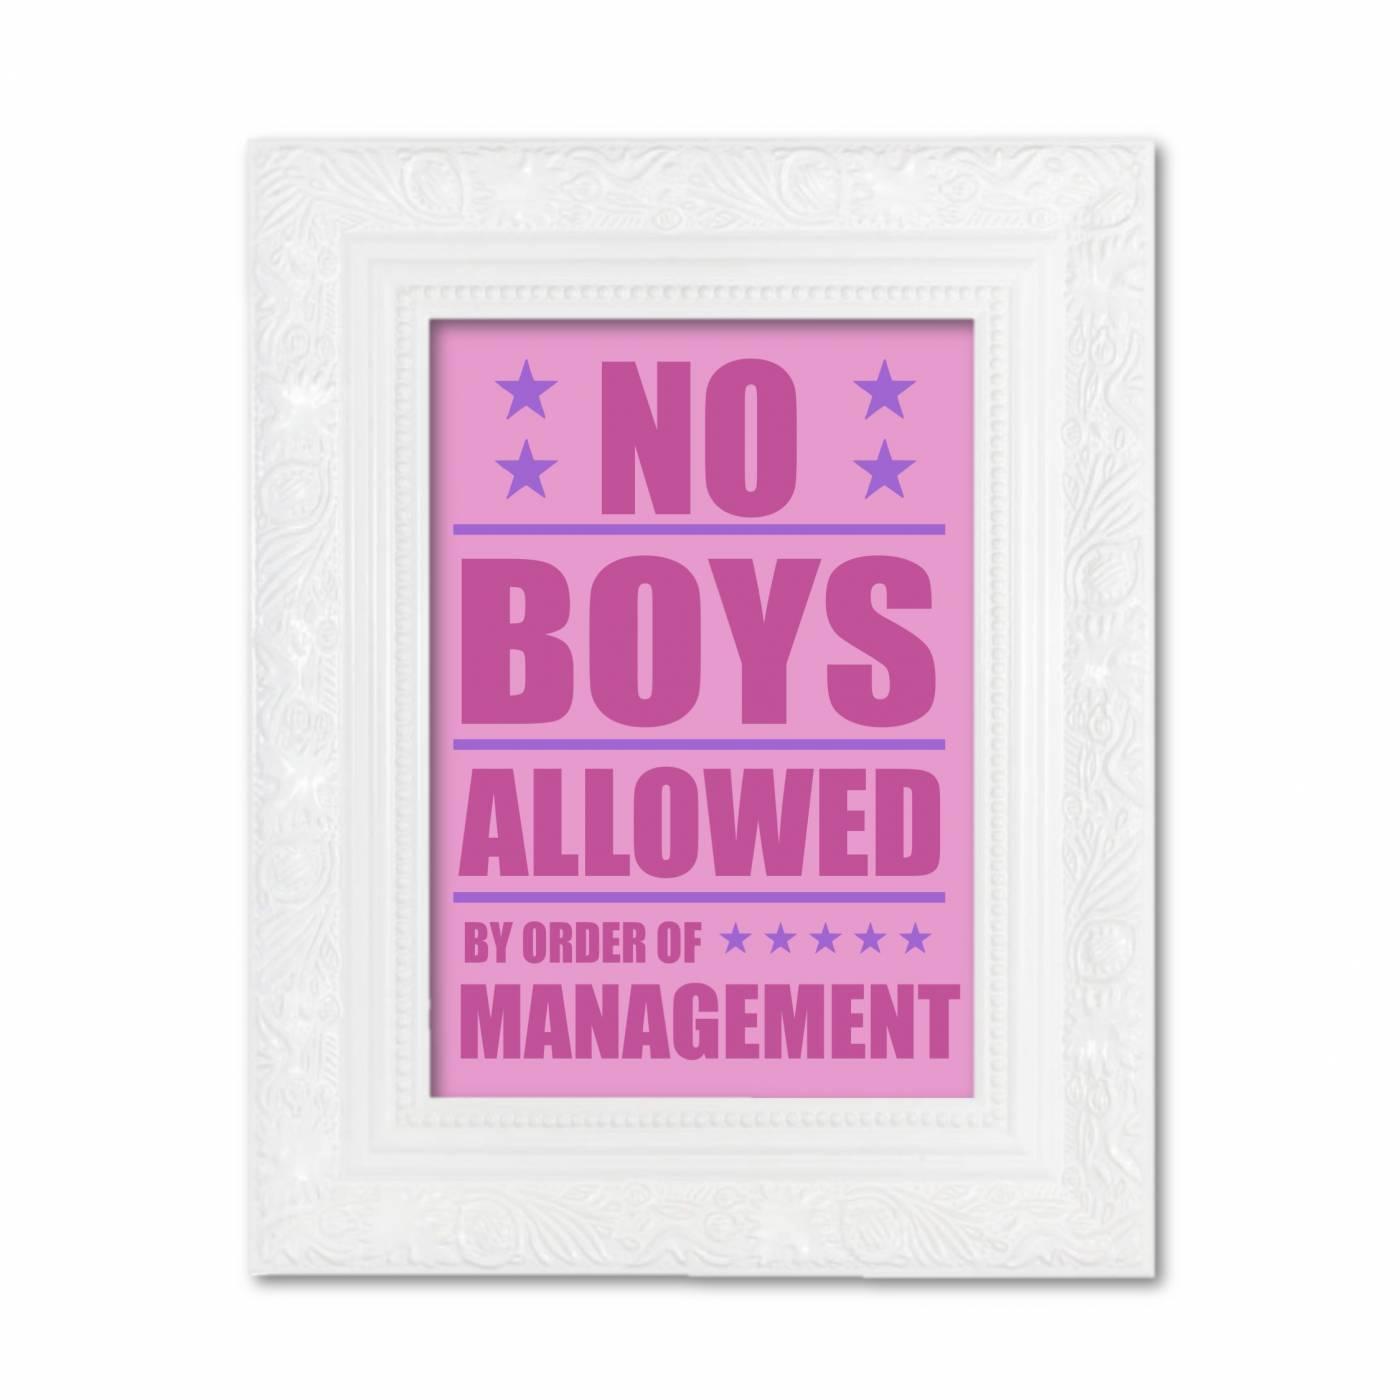 No boys